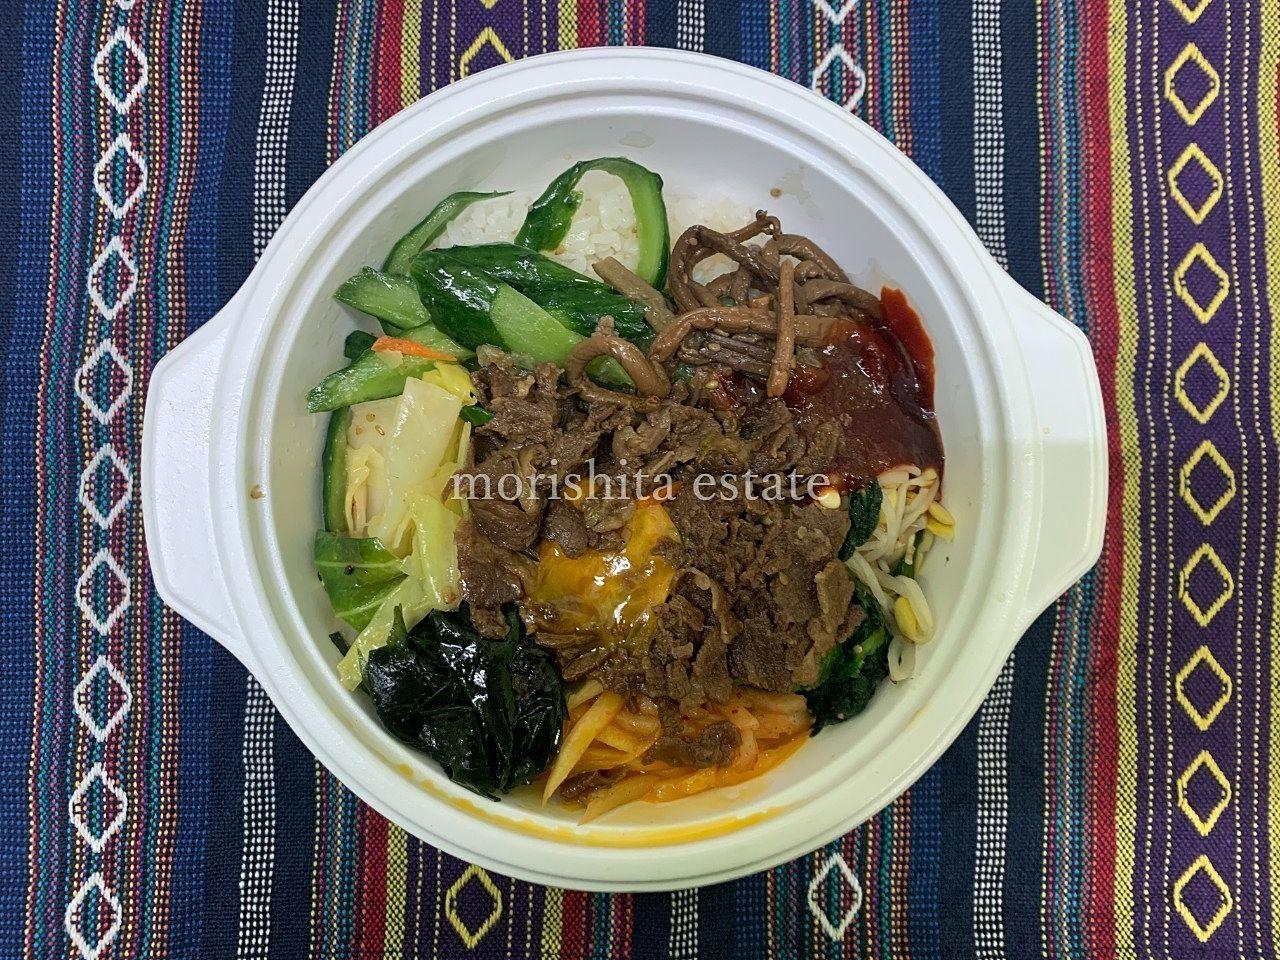 ソウル市場 高橋 焼肉 ビビンバ キムチ お弁当 写真